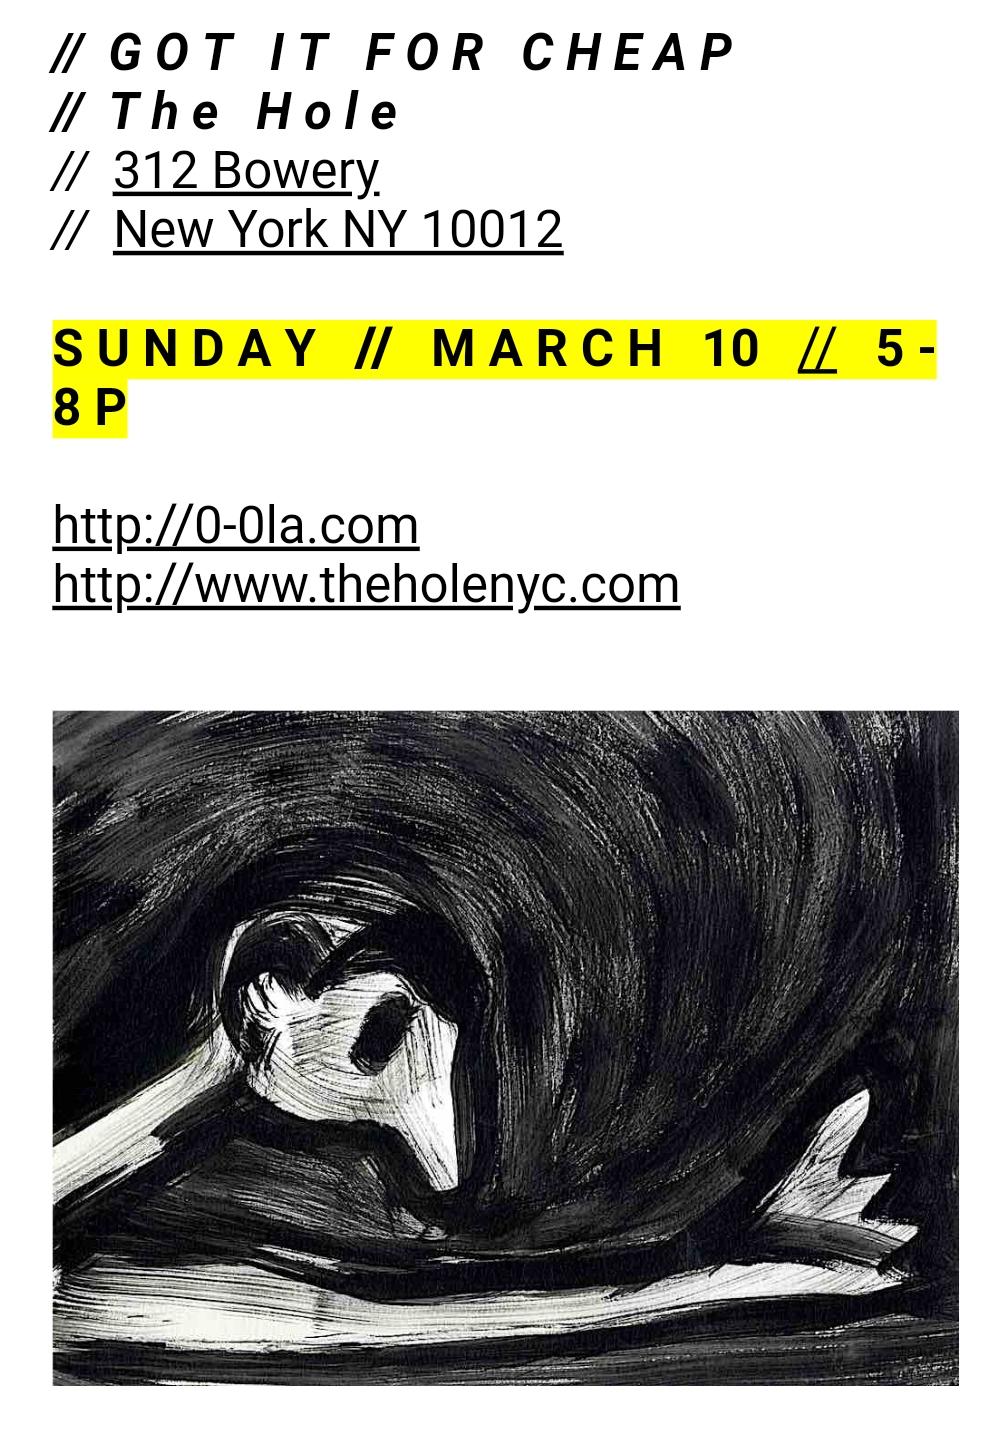 GIFC    THE HOLE    SUN, MARCH 10, 5-8P  312 Bowery  New York NY